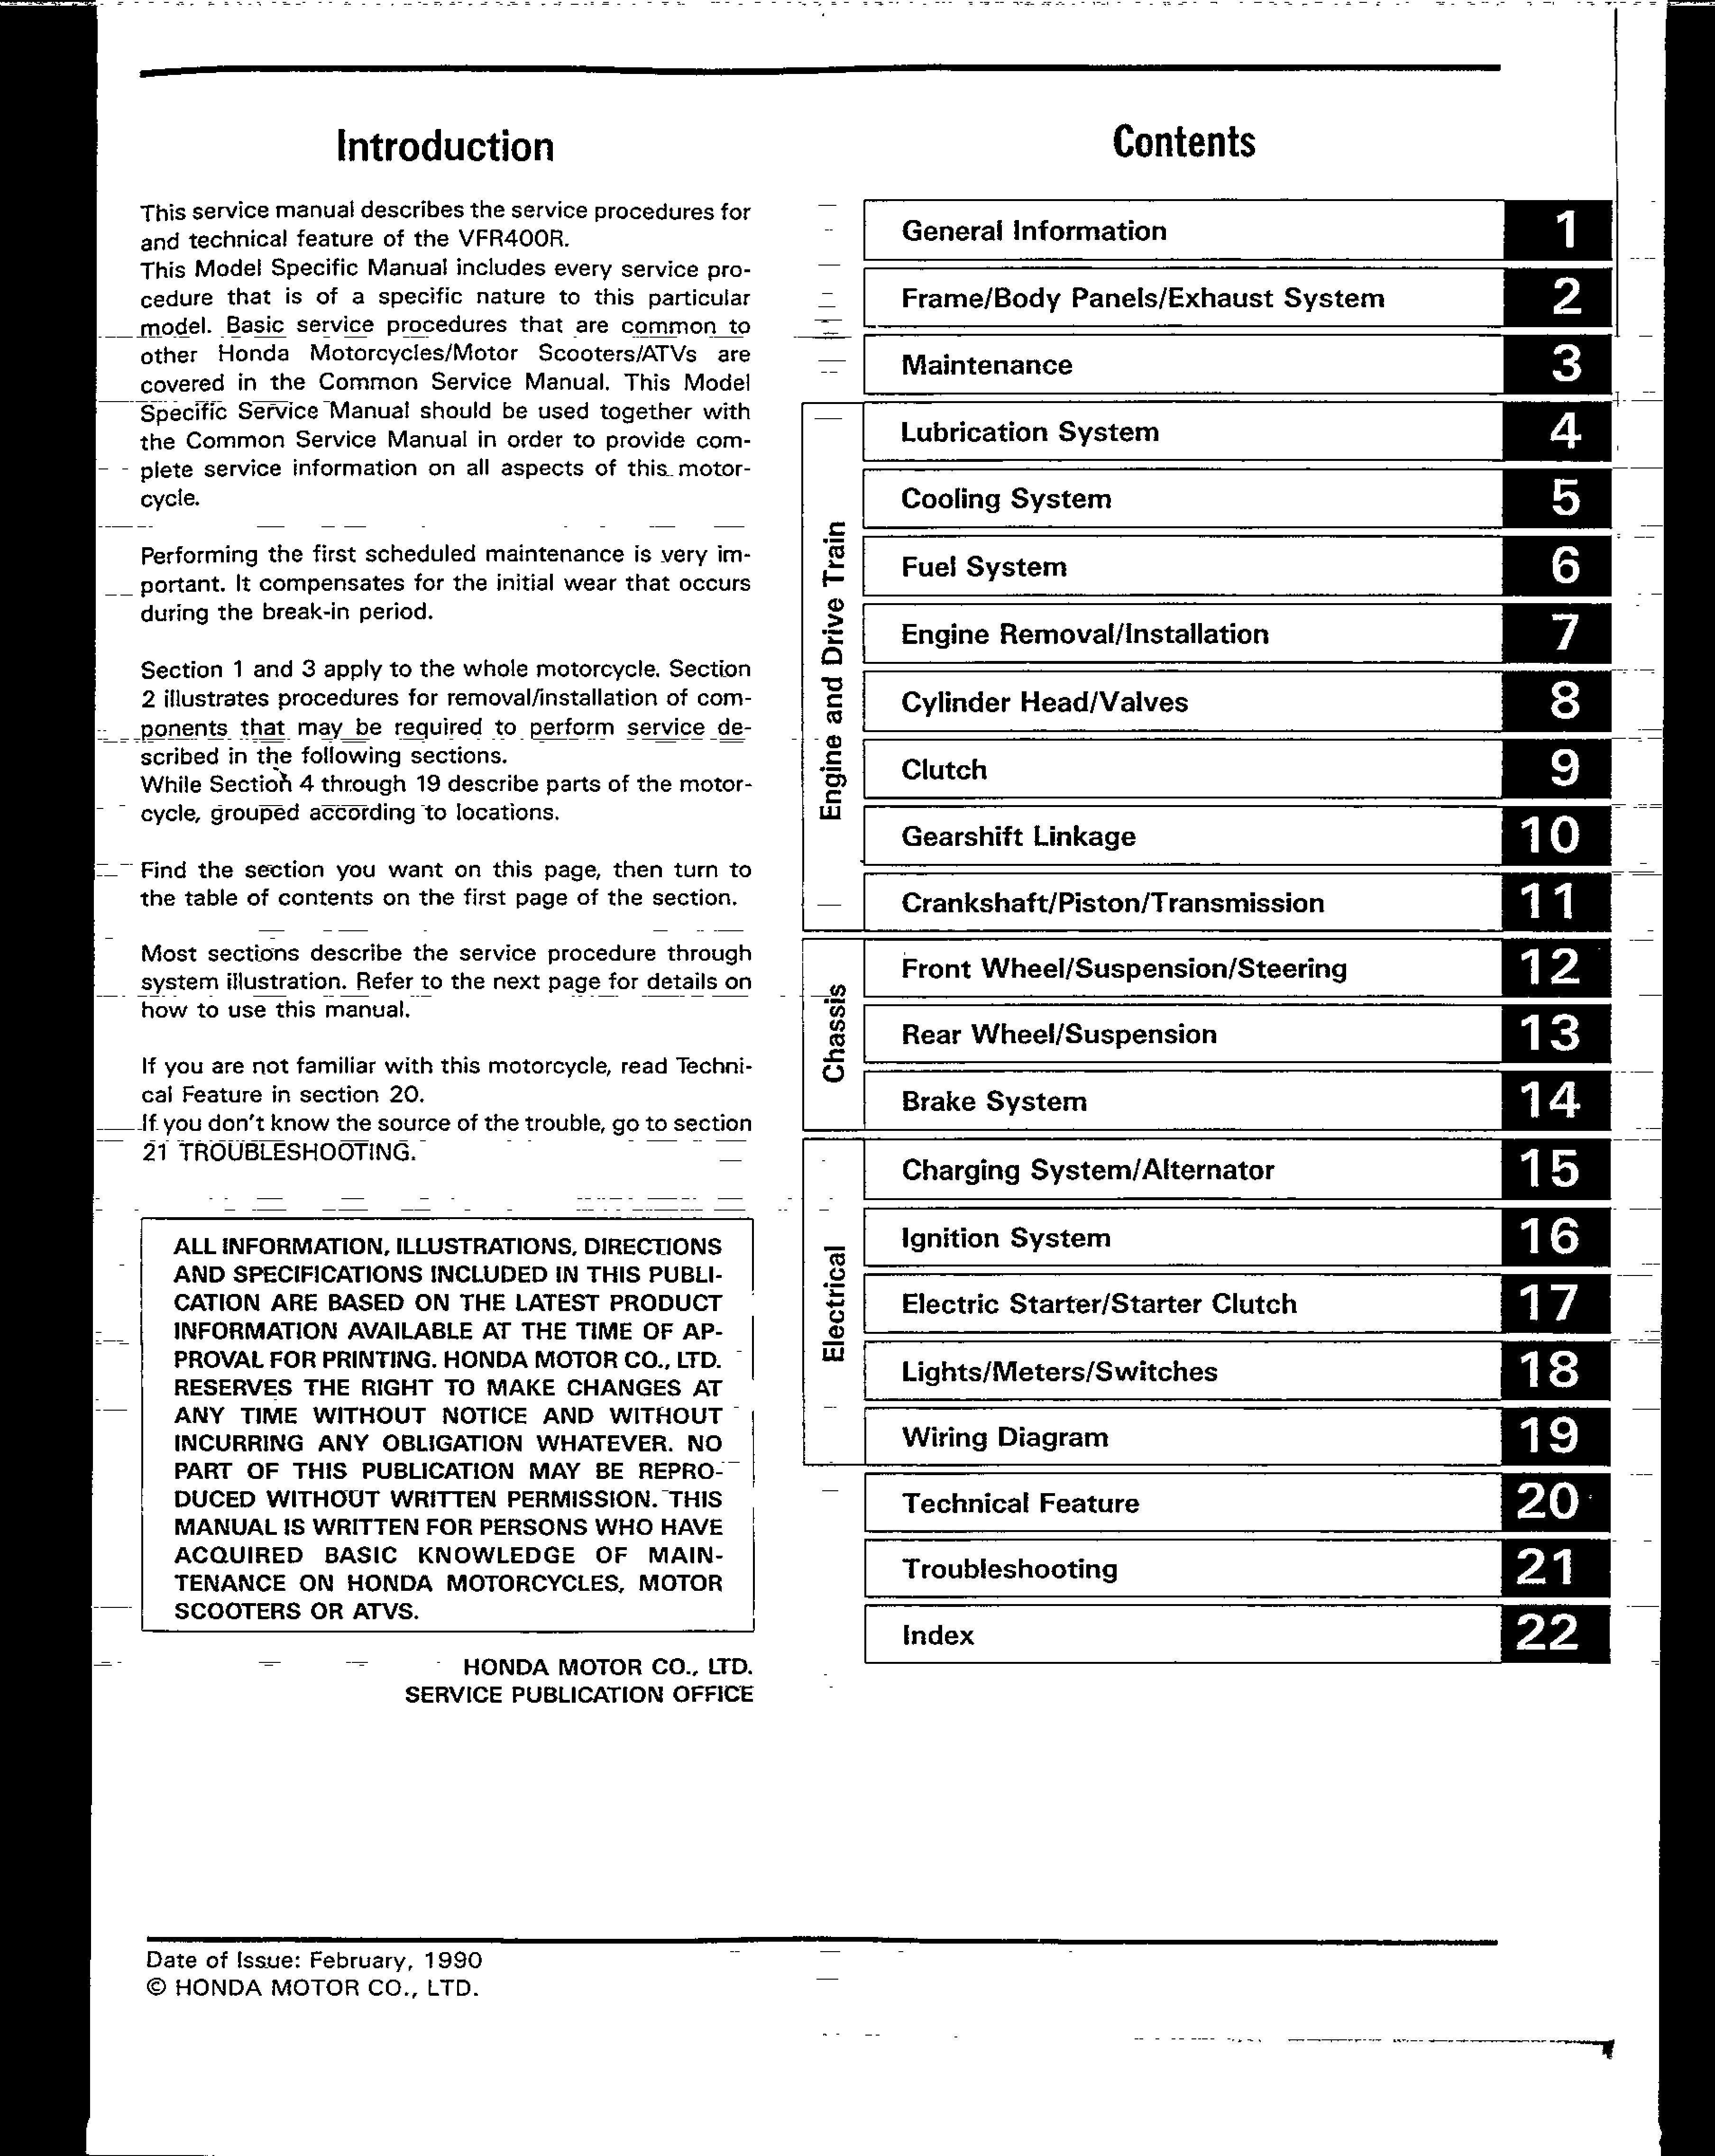 Workshop manual for Honda VFR400R (1990)